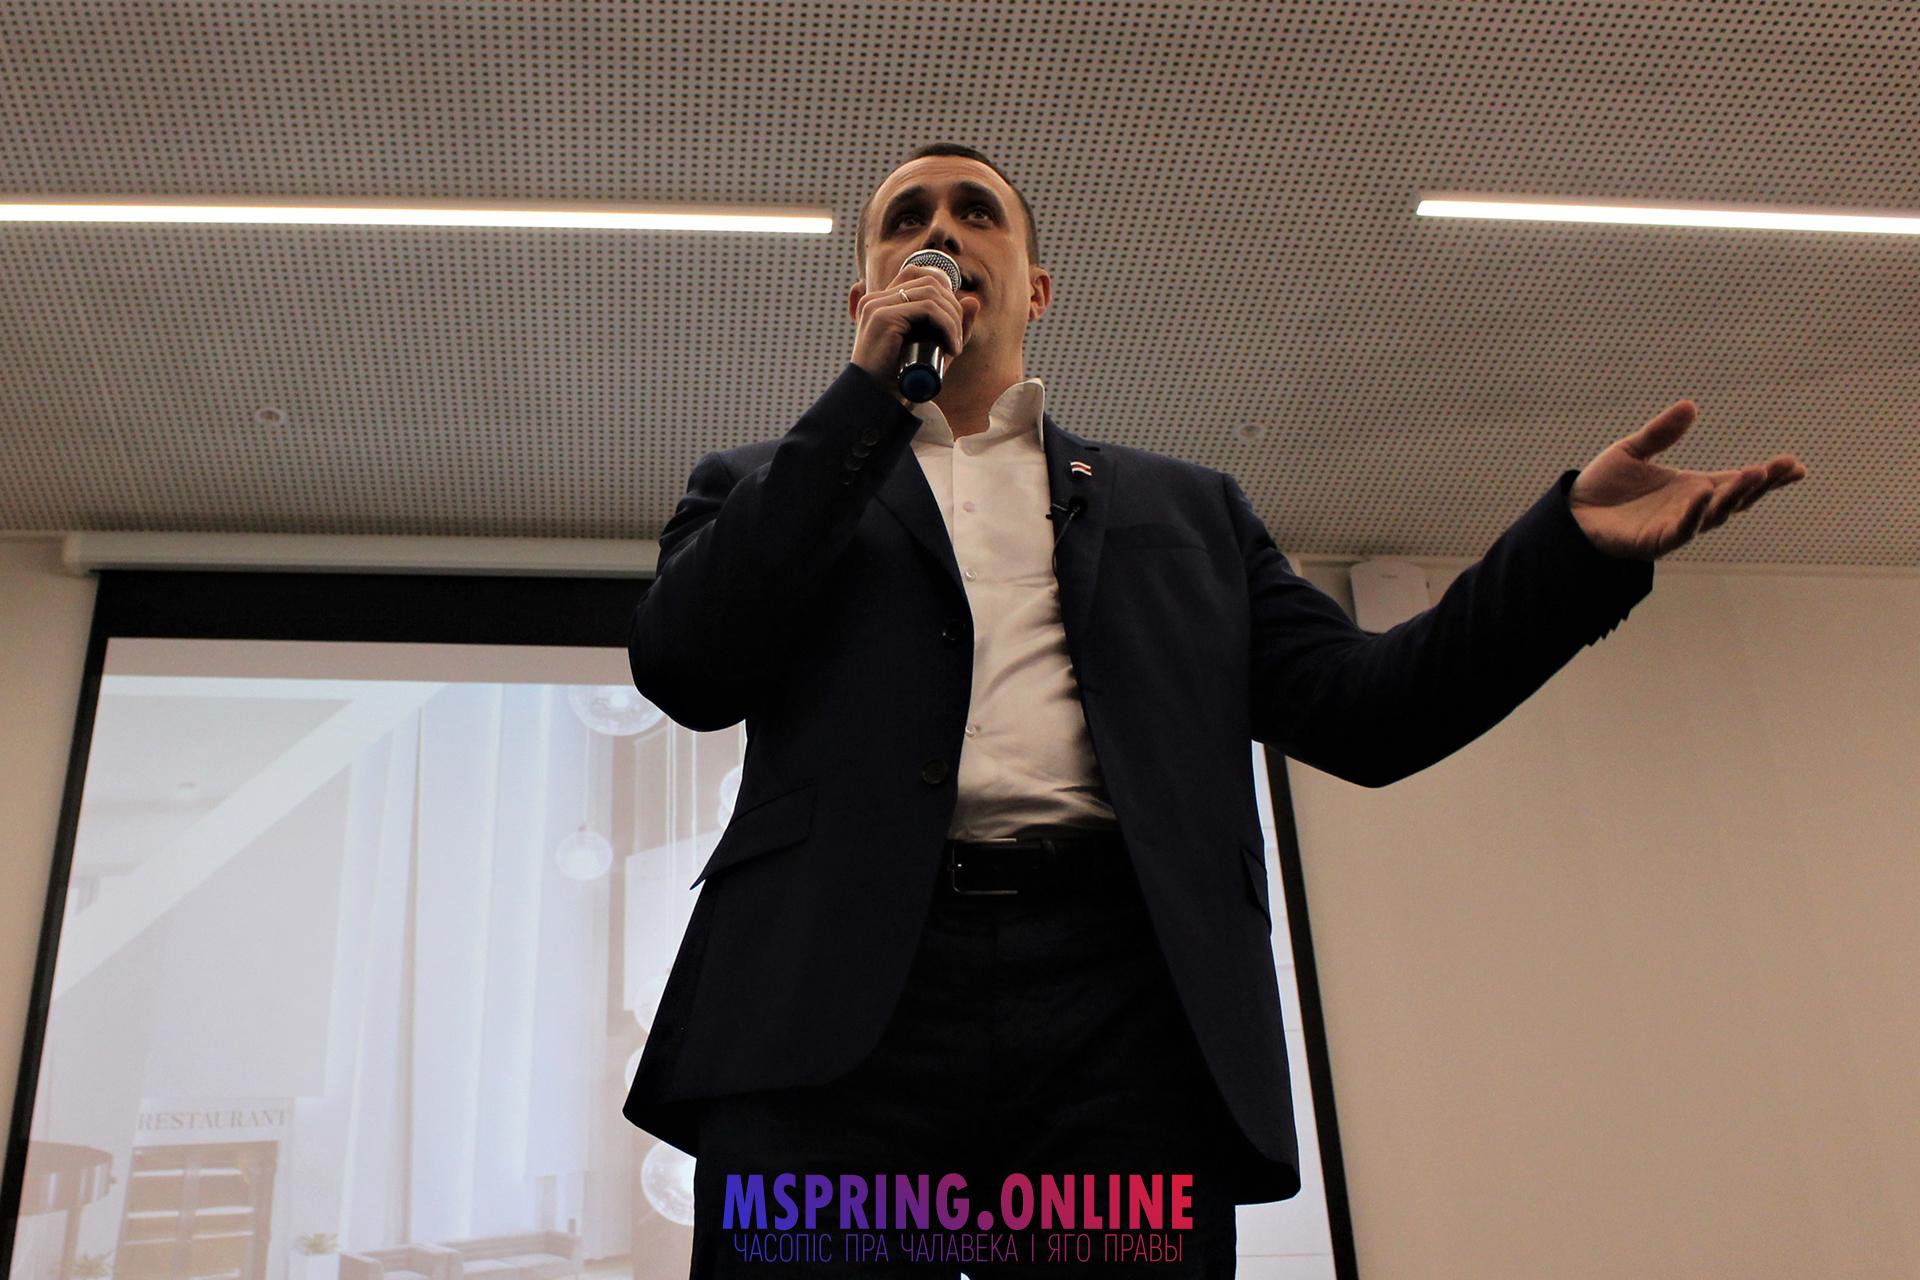 Магчымы кандыдат у прэзідэнты Павел Севярынец: «Так, я ставіў подпіс пад петыцыяй аб забароне ЛГБТ-прапаганды»